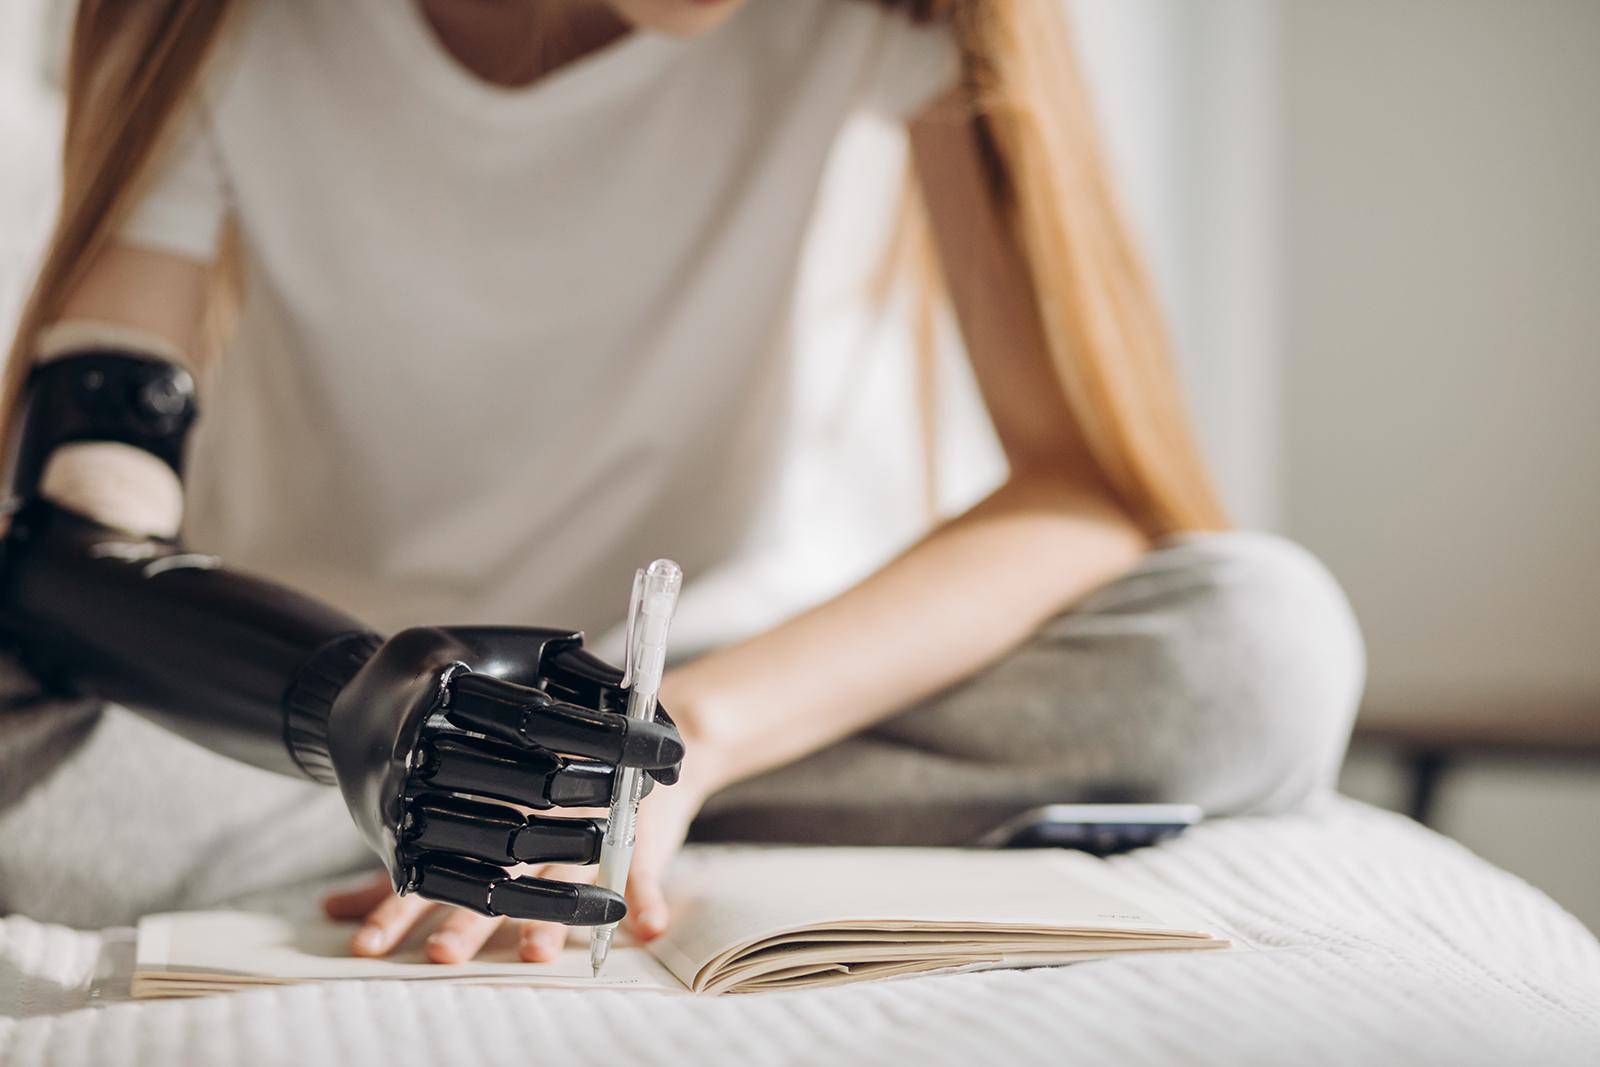 Proteza ręki dla poszkodowanej w wypadku